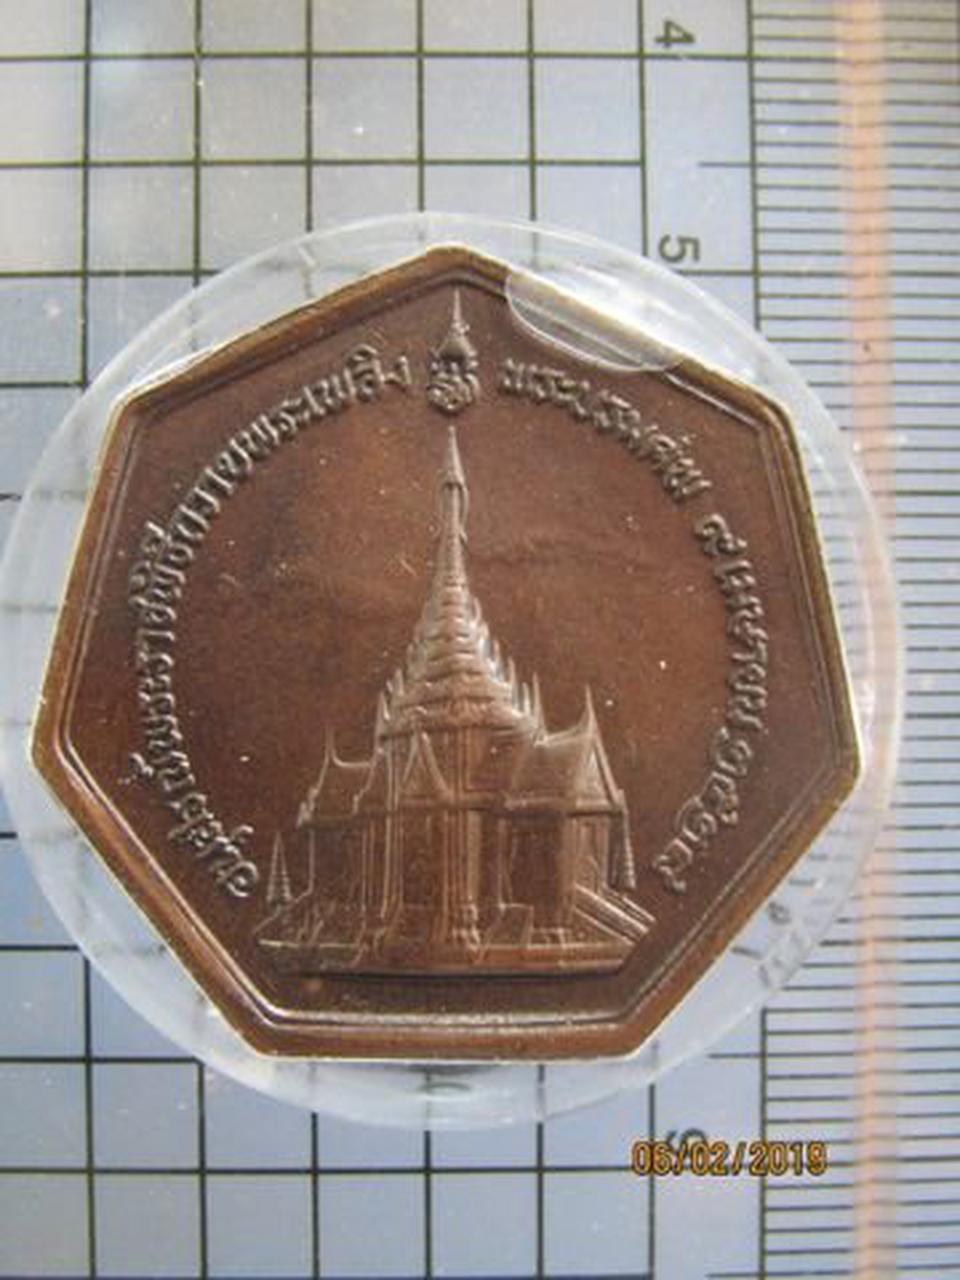 5246 เหรียญพระราชทานเพลิงศพ พระนางเจ้ารำไพพรรณี ปี2528  รูปที่ 1